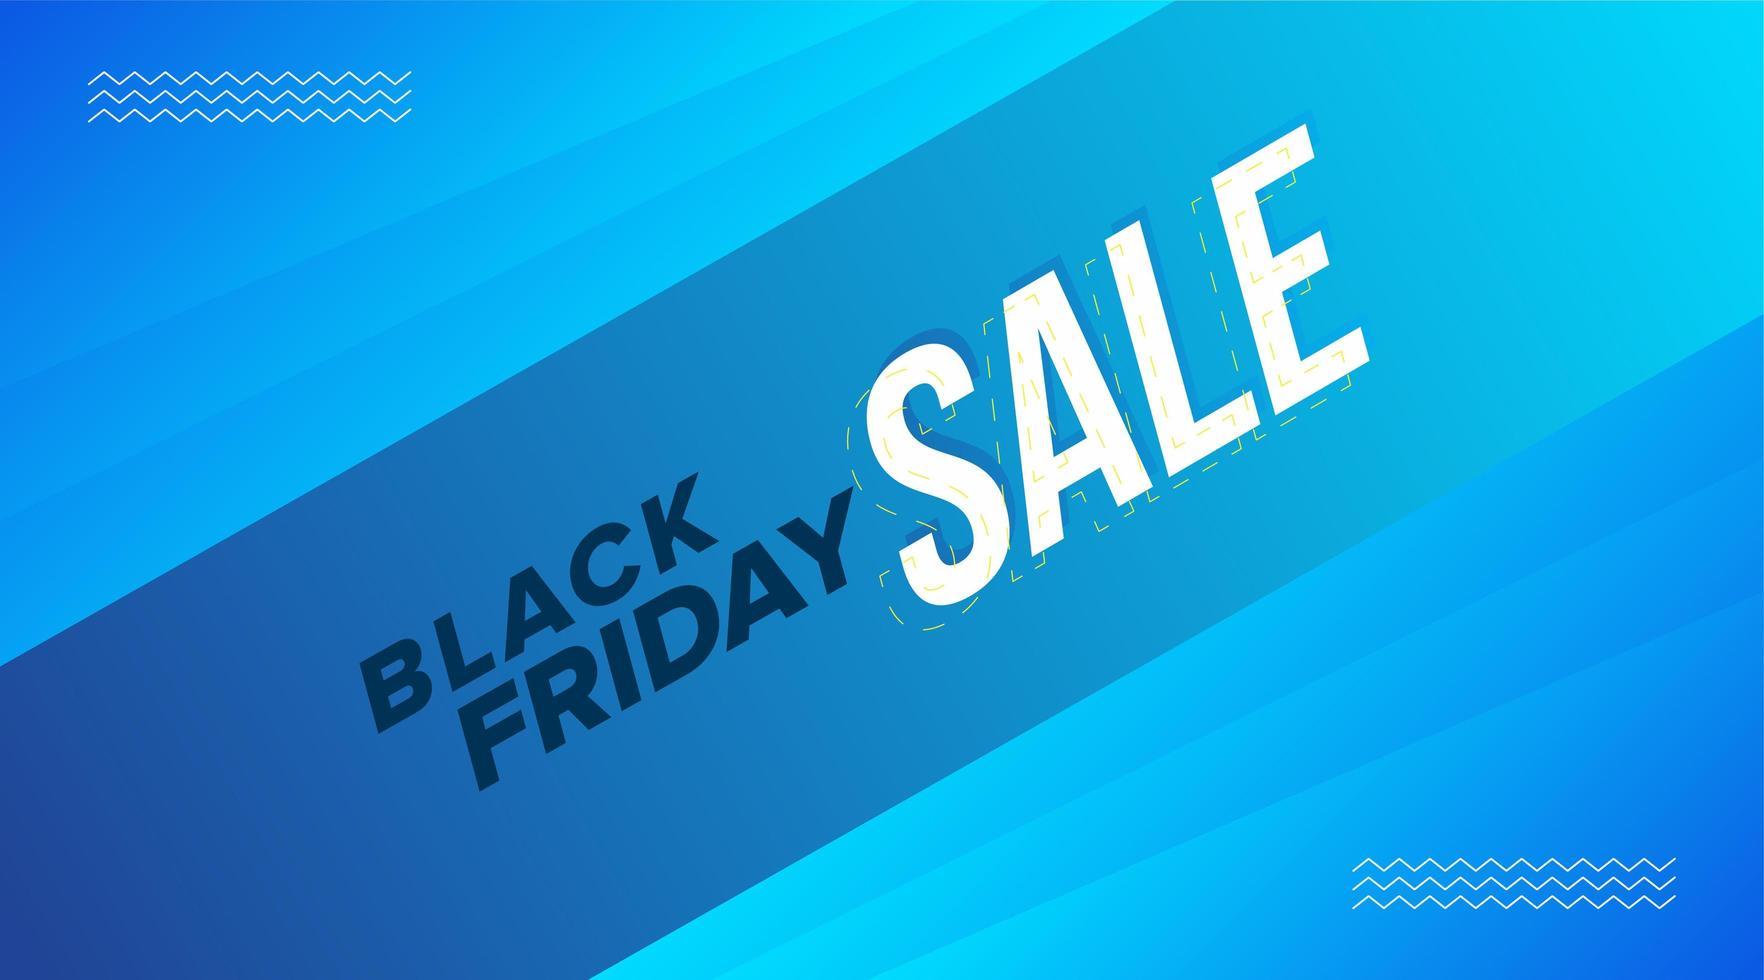 zwarte vrijdag verkoop blauw diagonaal bannerontwerp vector